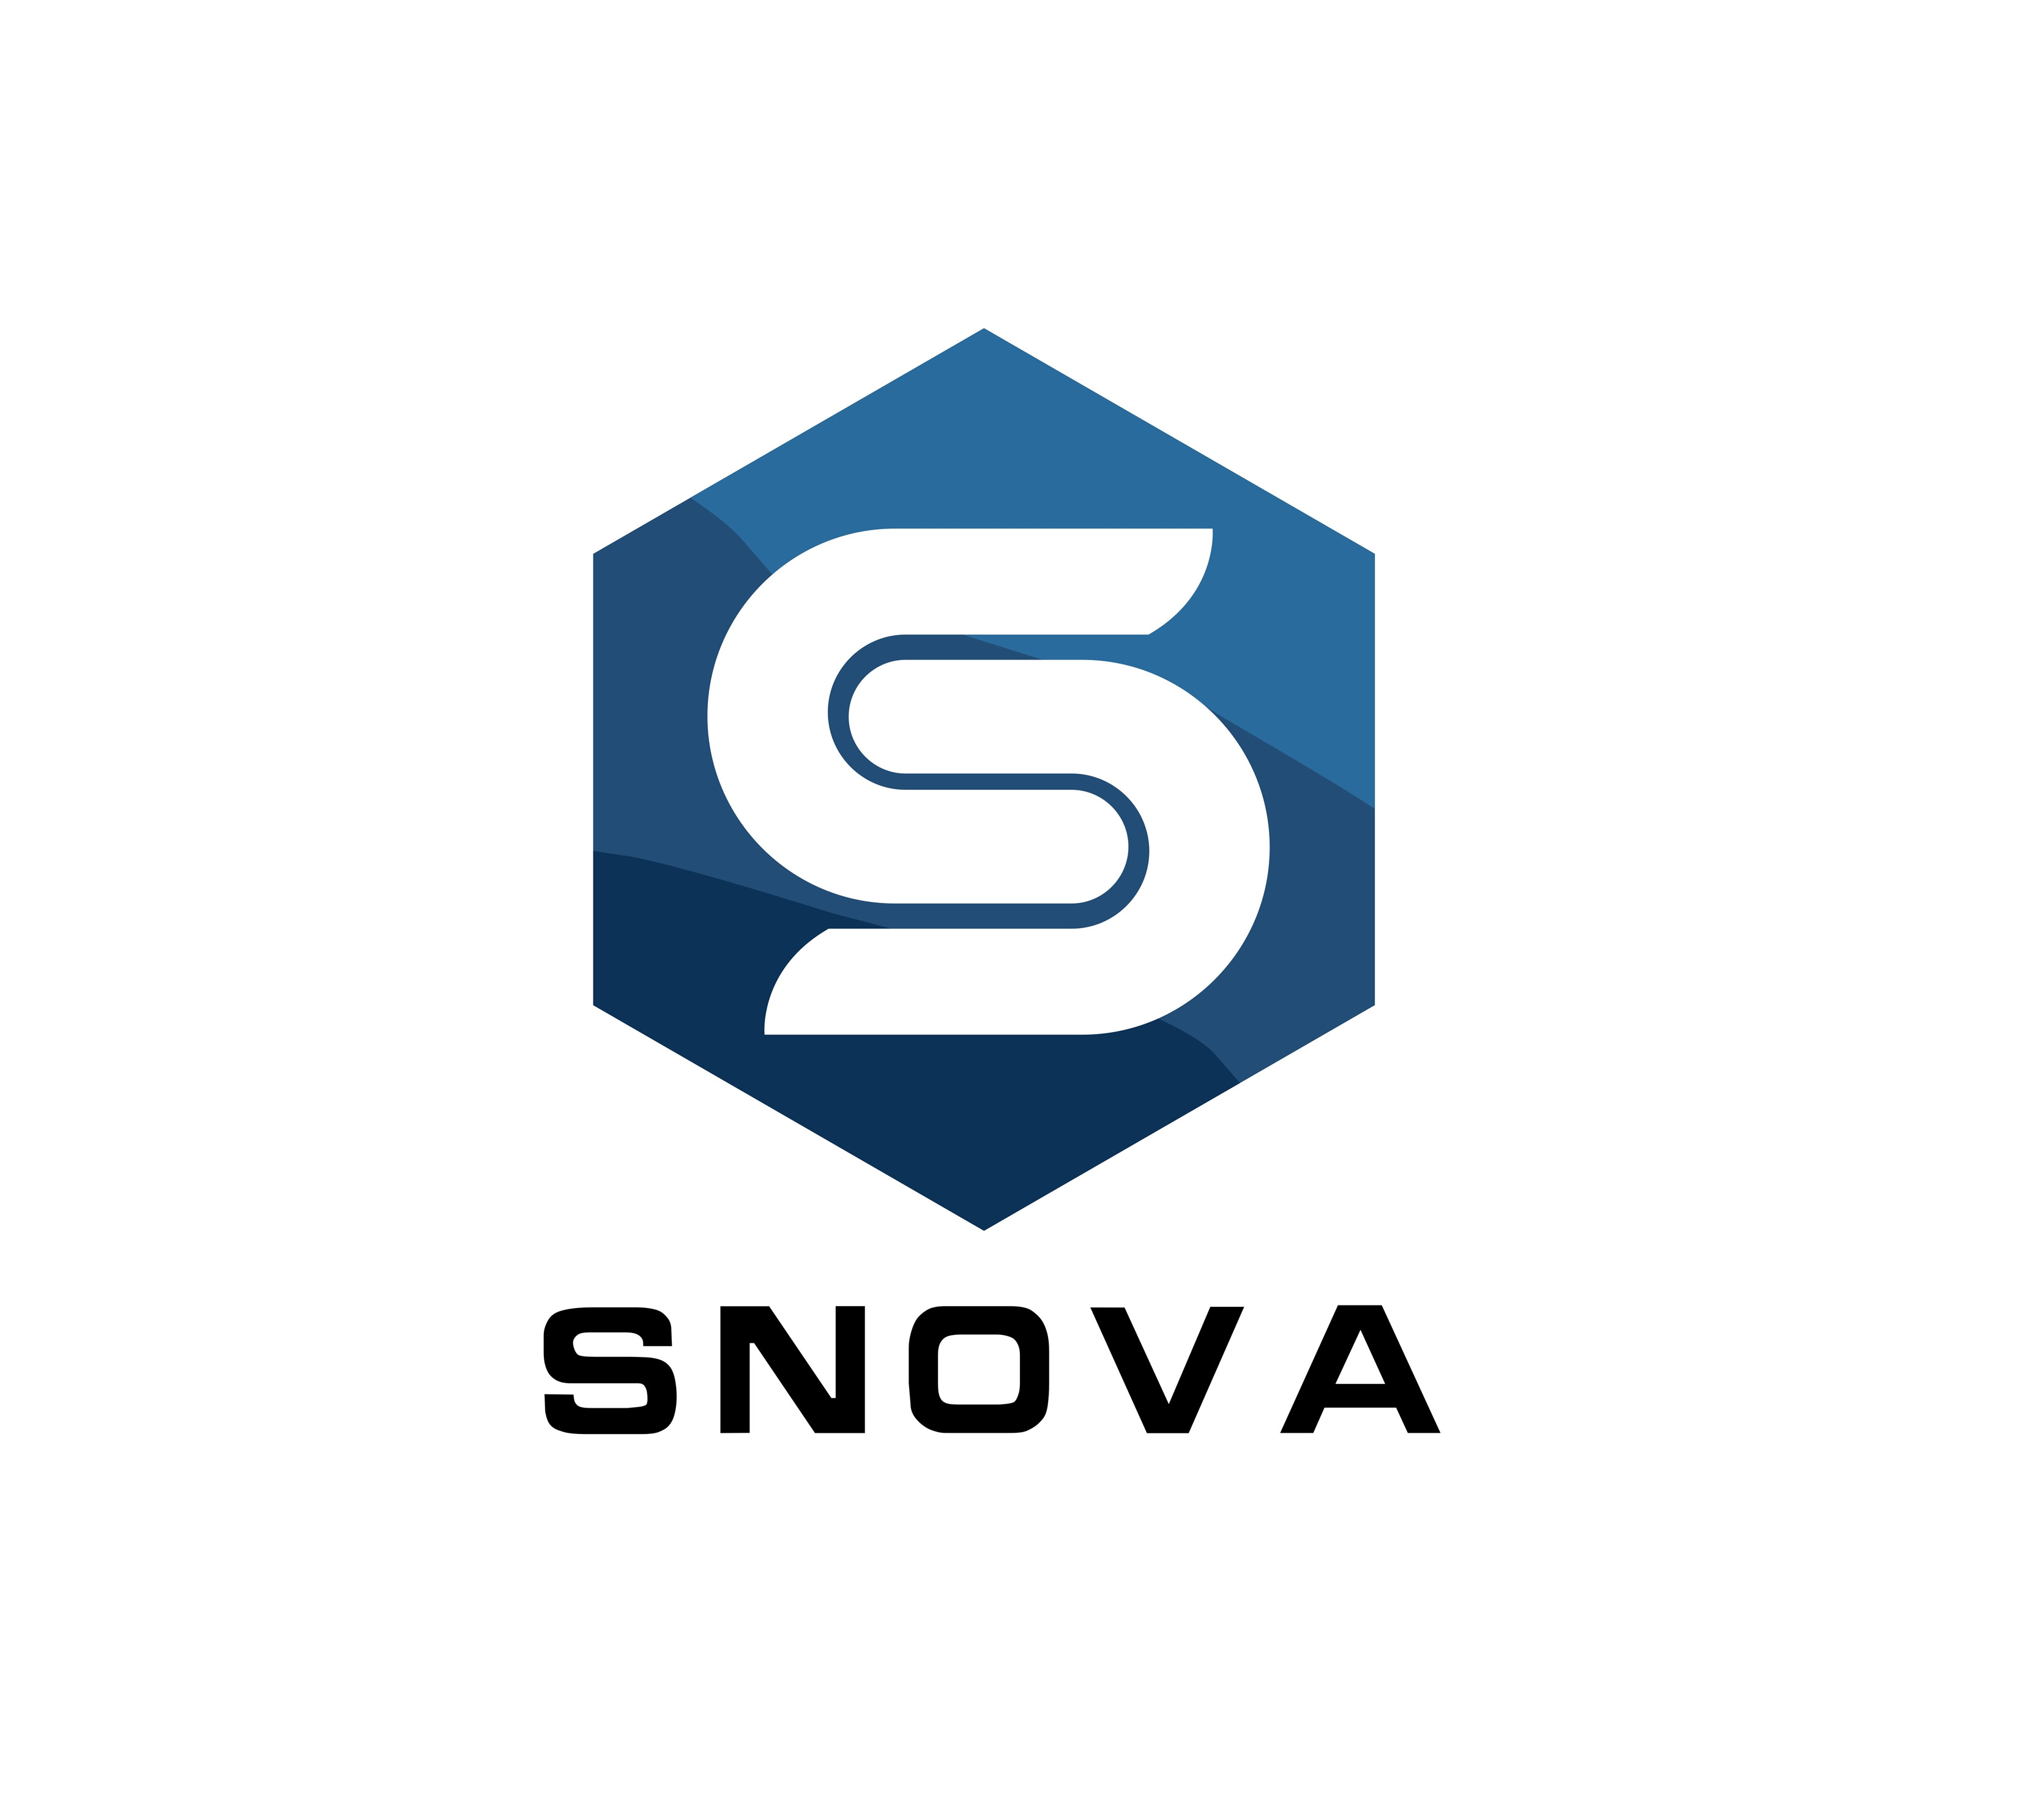 珠海市斯诺瓦科技有限公司